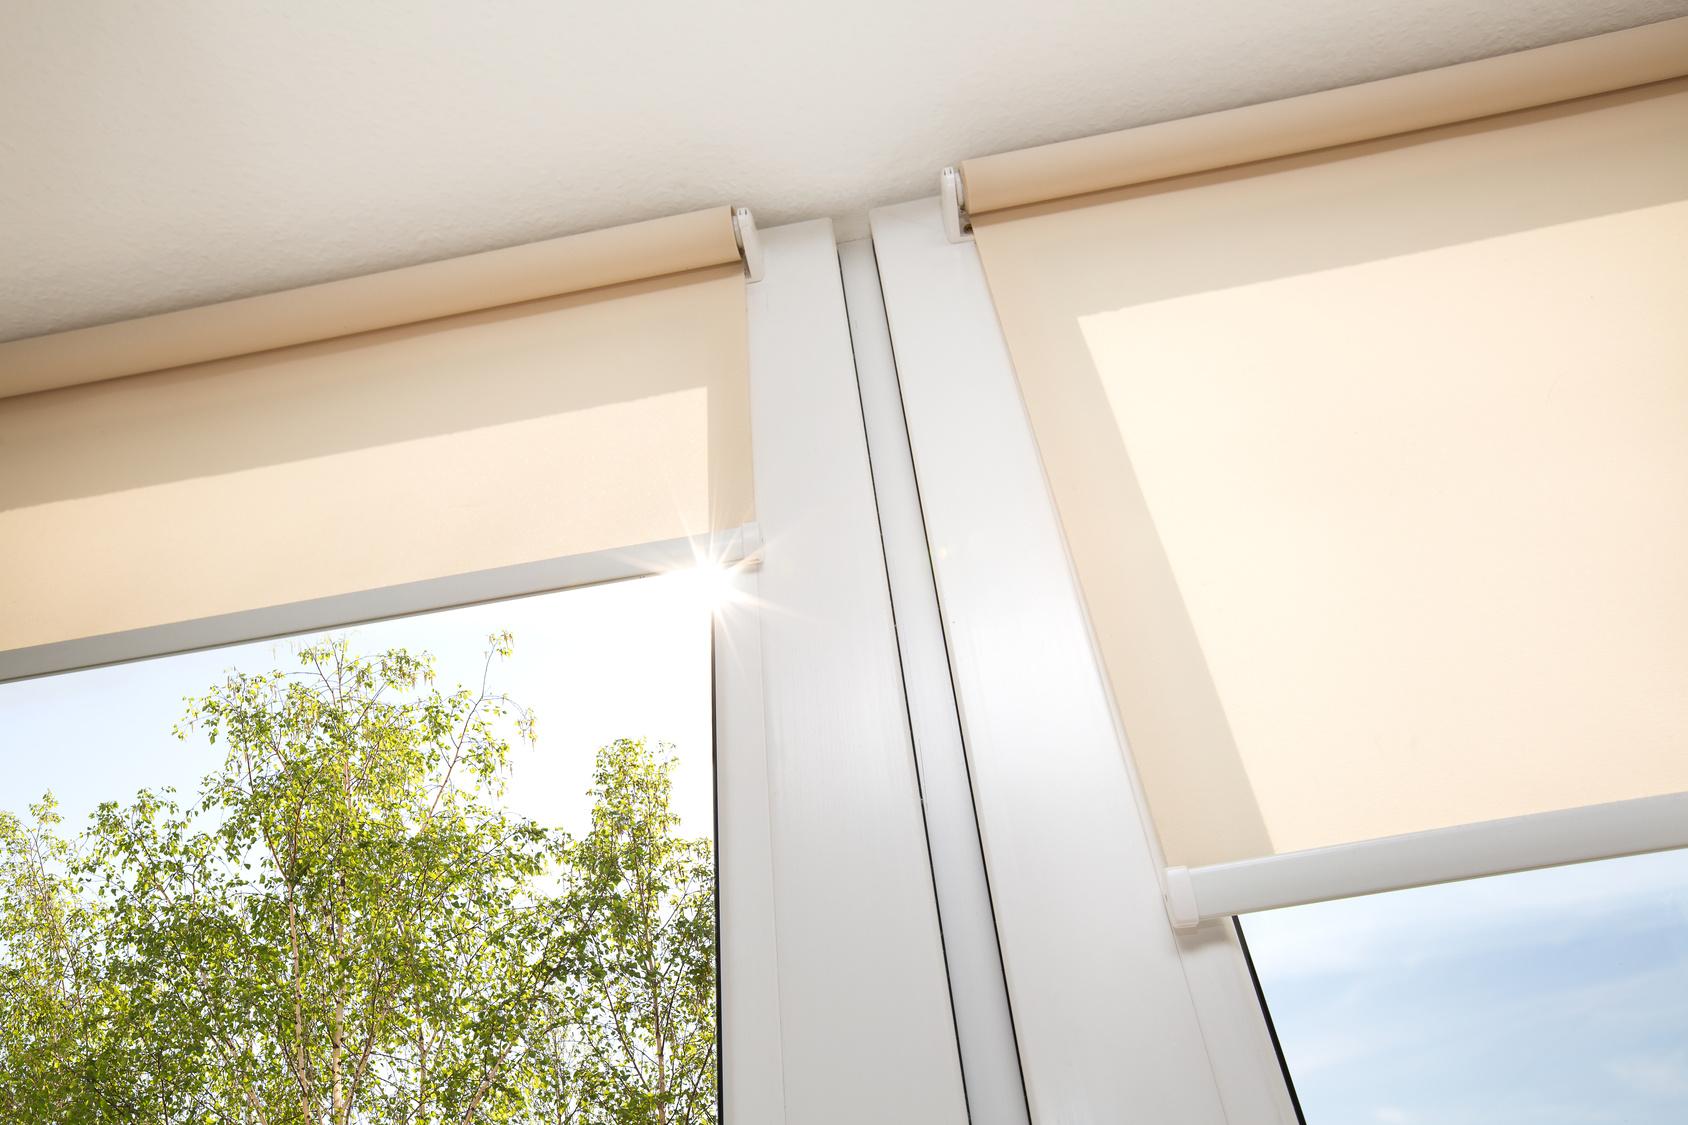 Rollos und Vorhänge schützen effektiv vor Sonneneinstrahlung und sorgen für eine kühle Wohnung im Sommer - ohne Ventilator und Klimaanlage